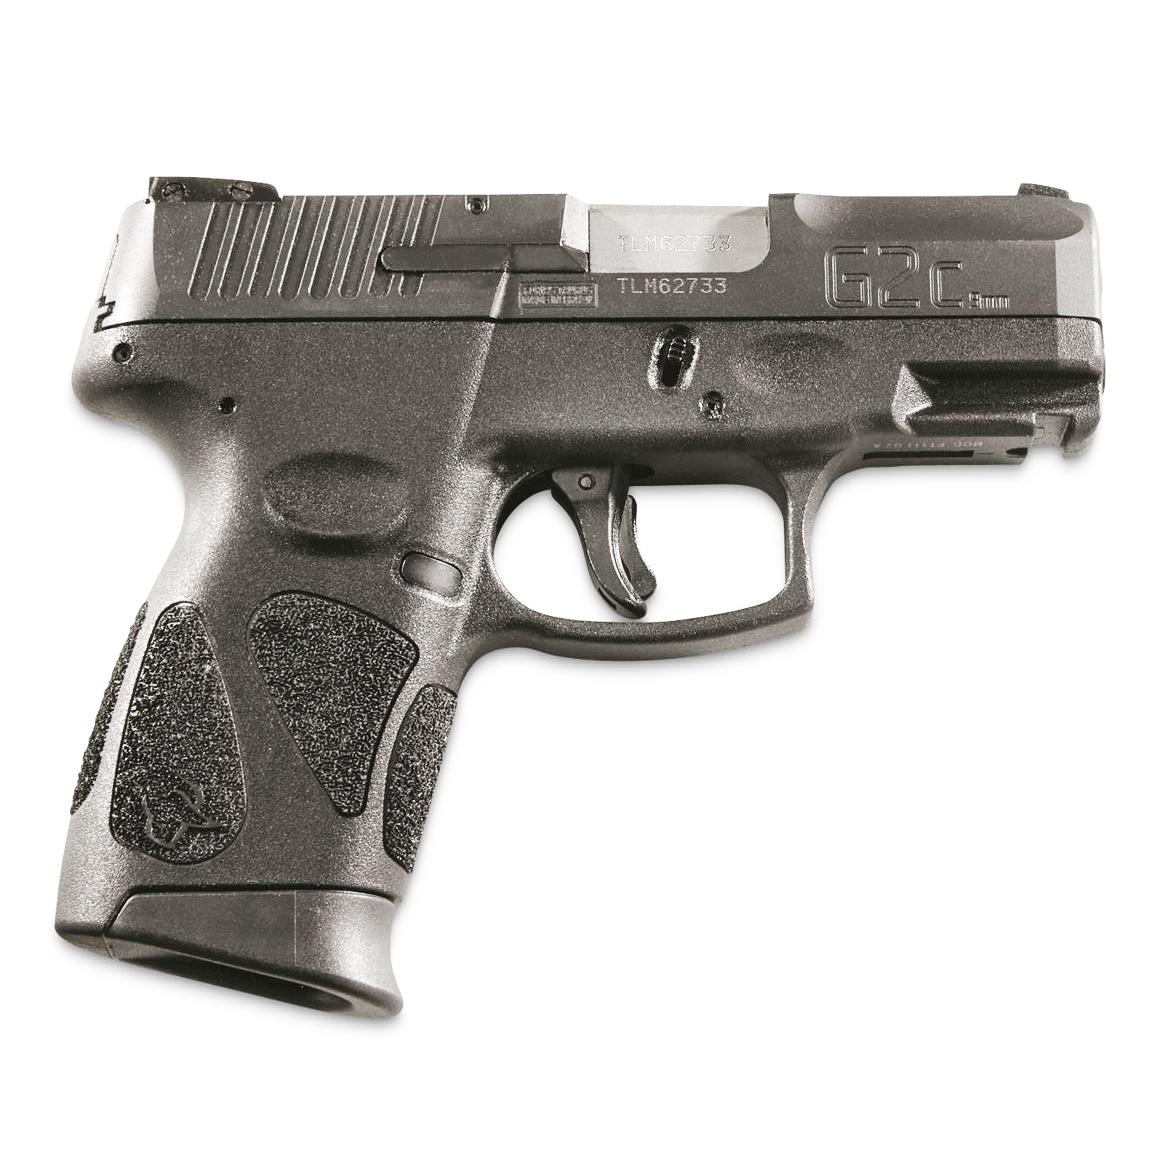 Taurus G2C 9mm Semi-Auto Pistol